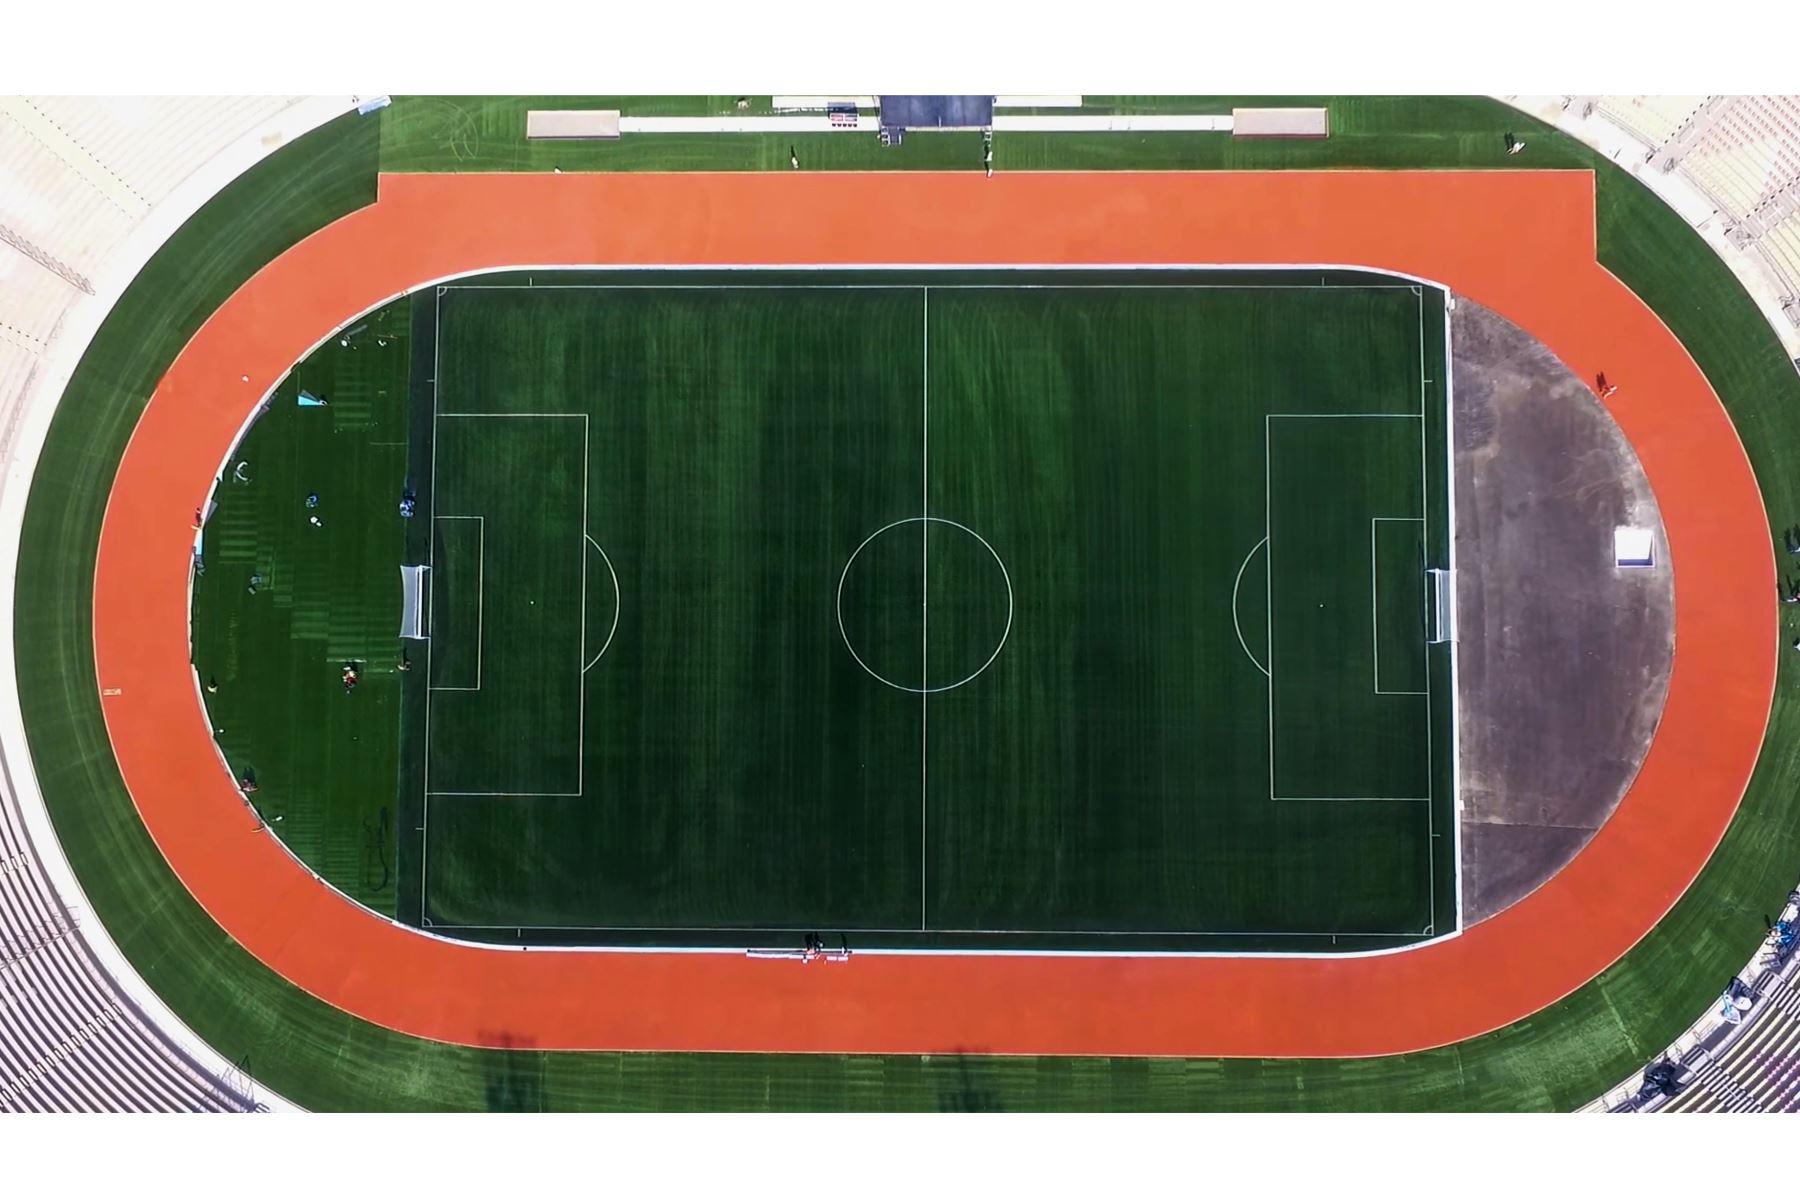 Lima 2019 entrega el remodelado Estadio de San Marcos a la Federación Peruana de Fútbol. Foto: ANDINA/ Panamericanos Lima 2019